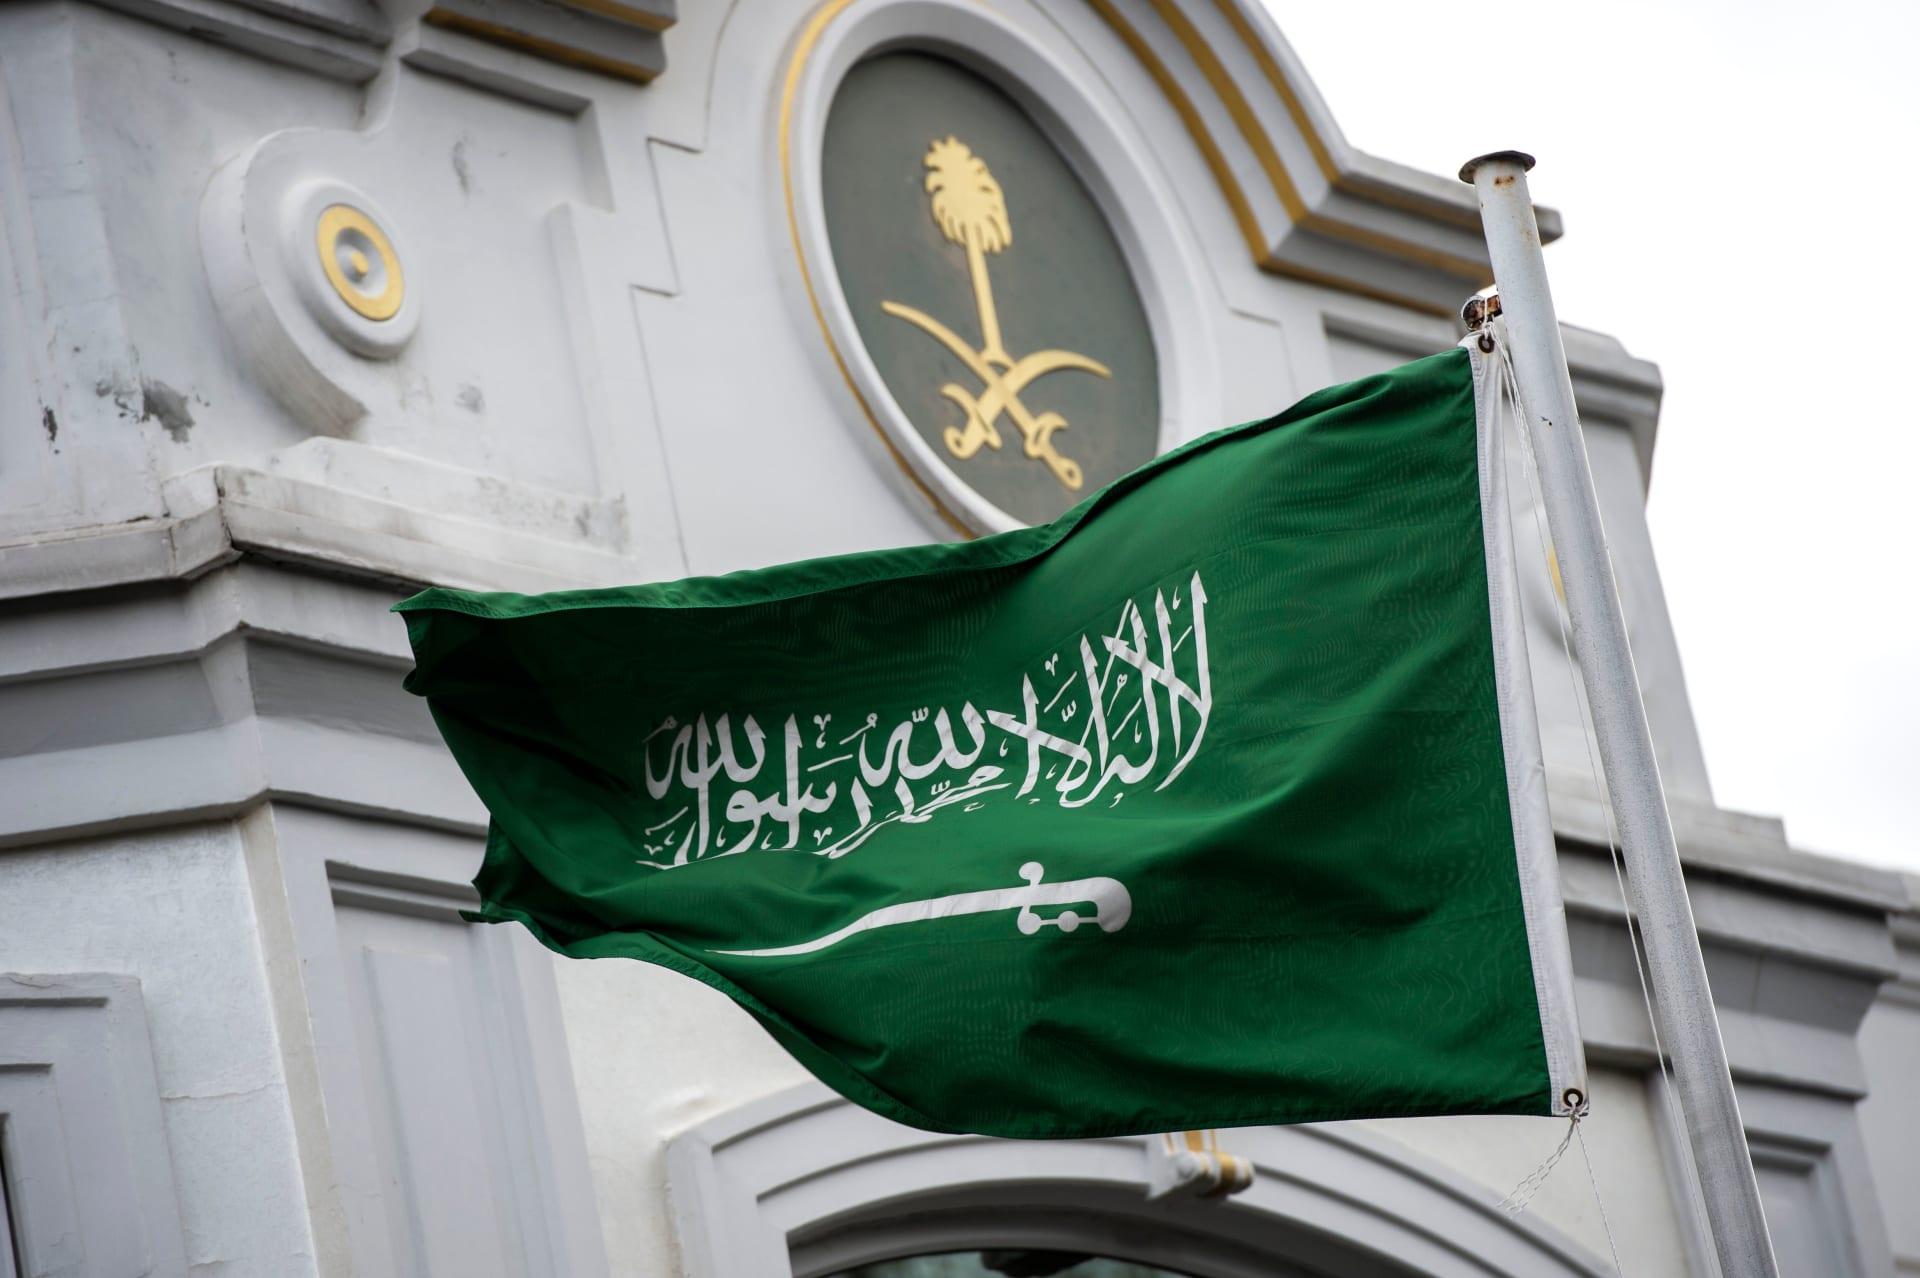 السعودية: القبض على عشرات المتهمين بجرائم متنوعة